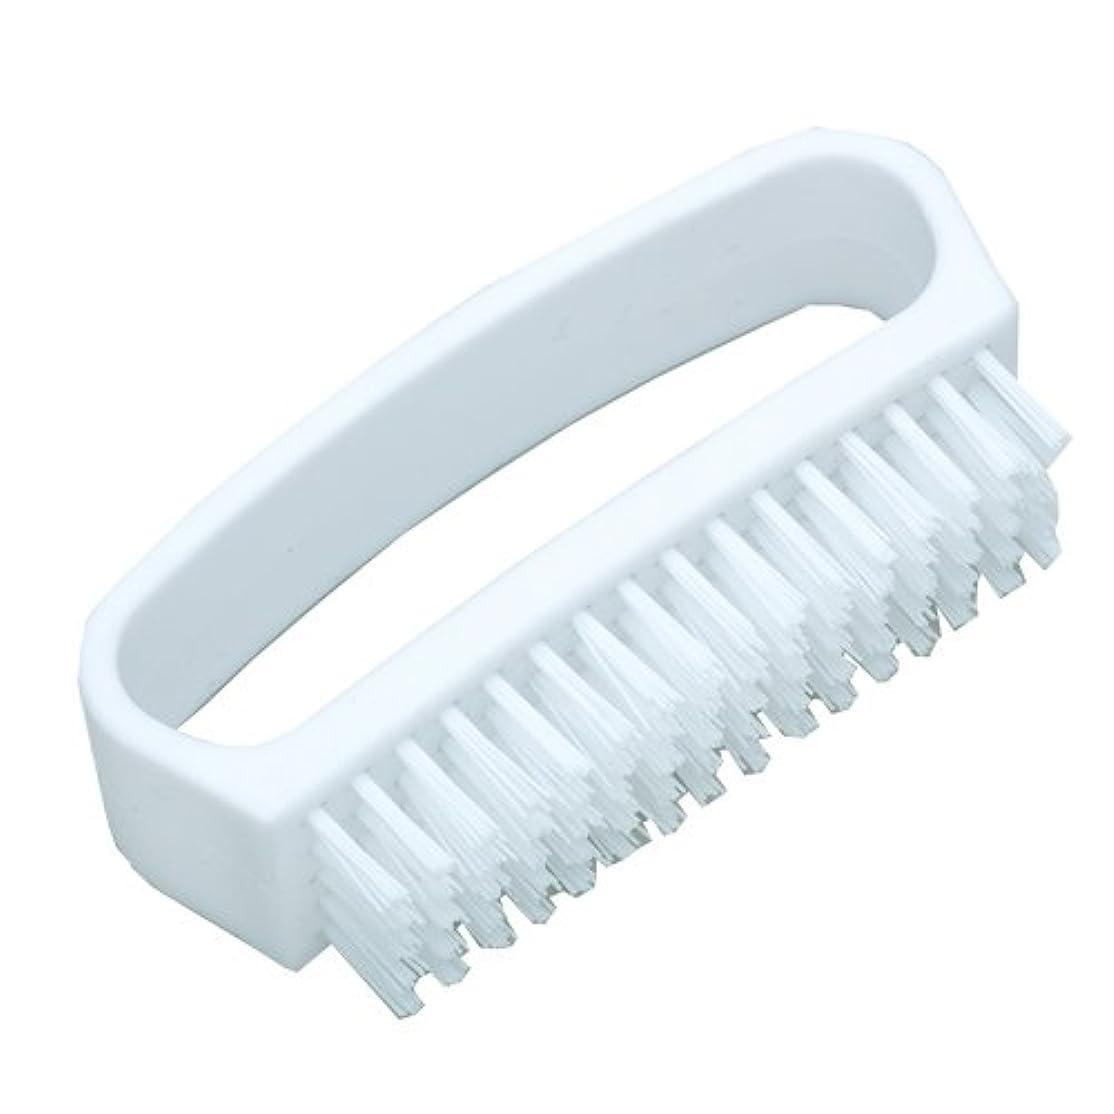 洗う乏しい許容できる藤波タオルサービス e-style 爪ブラシ